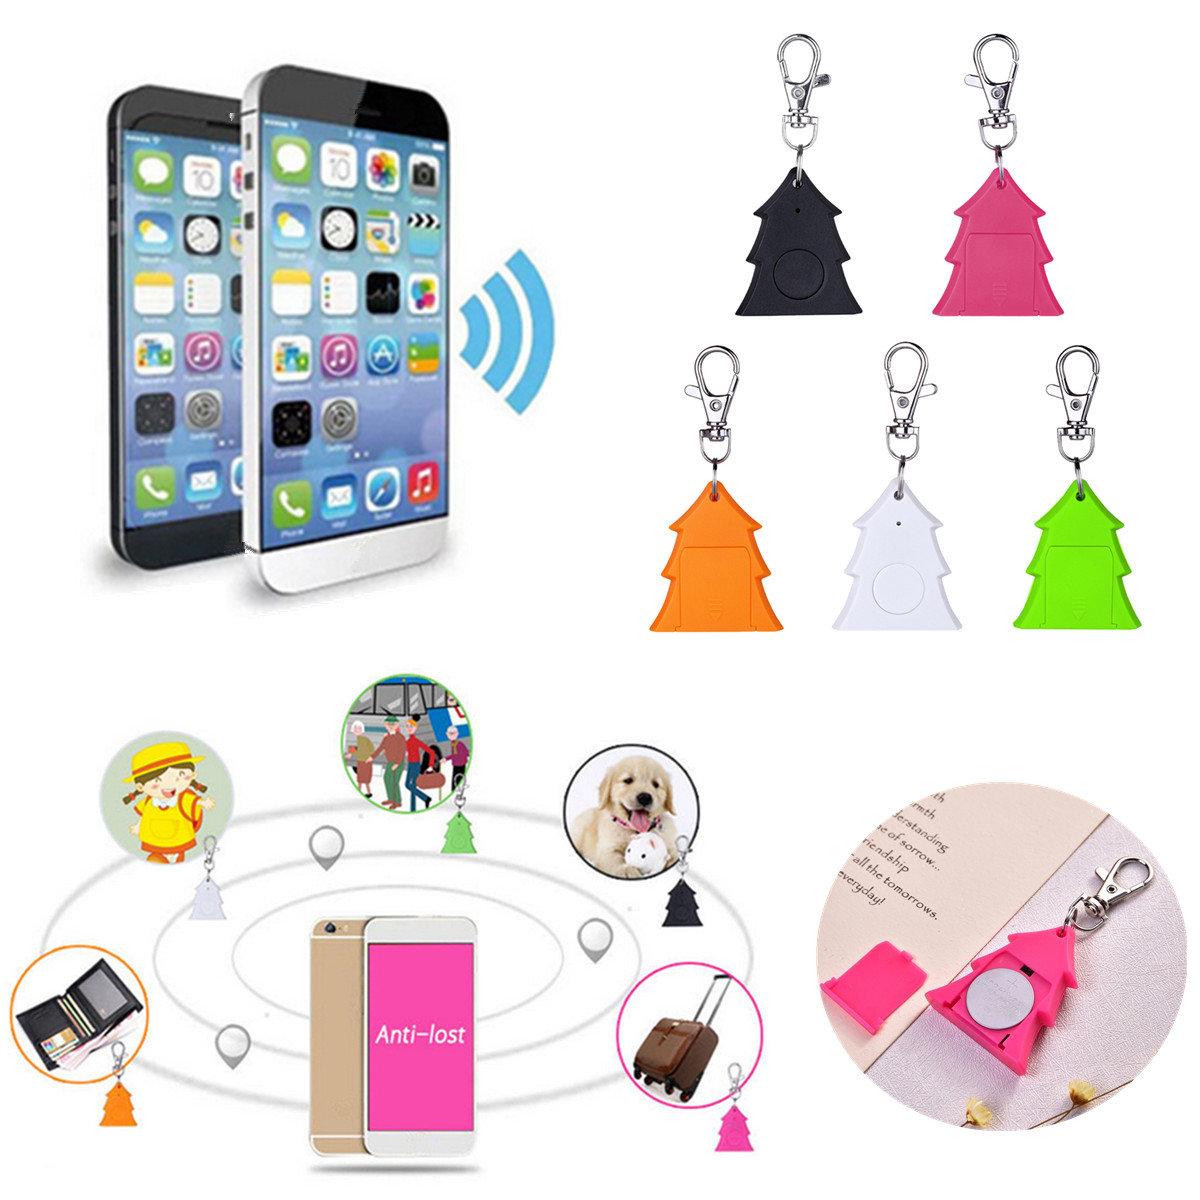 Dispositivo Mini albero di Natale Anti-perso GSM GPRS GPS Locator dispositivo di allarme